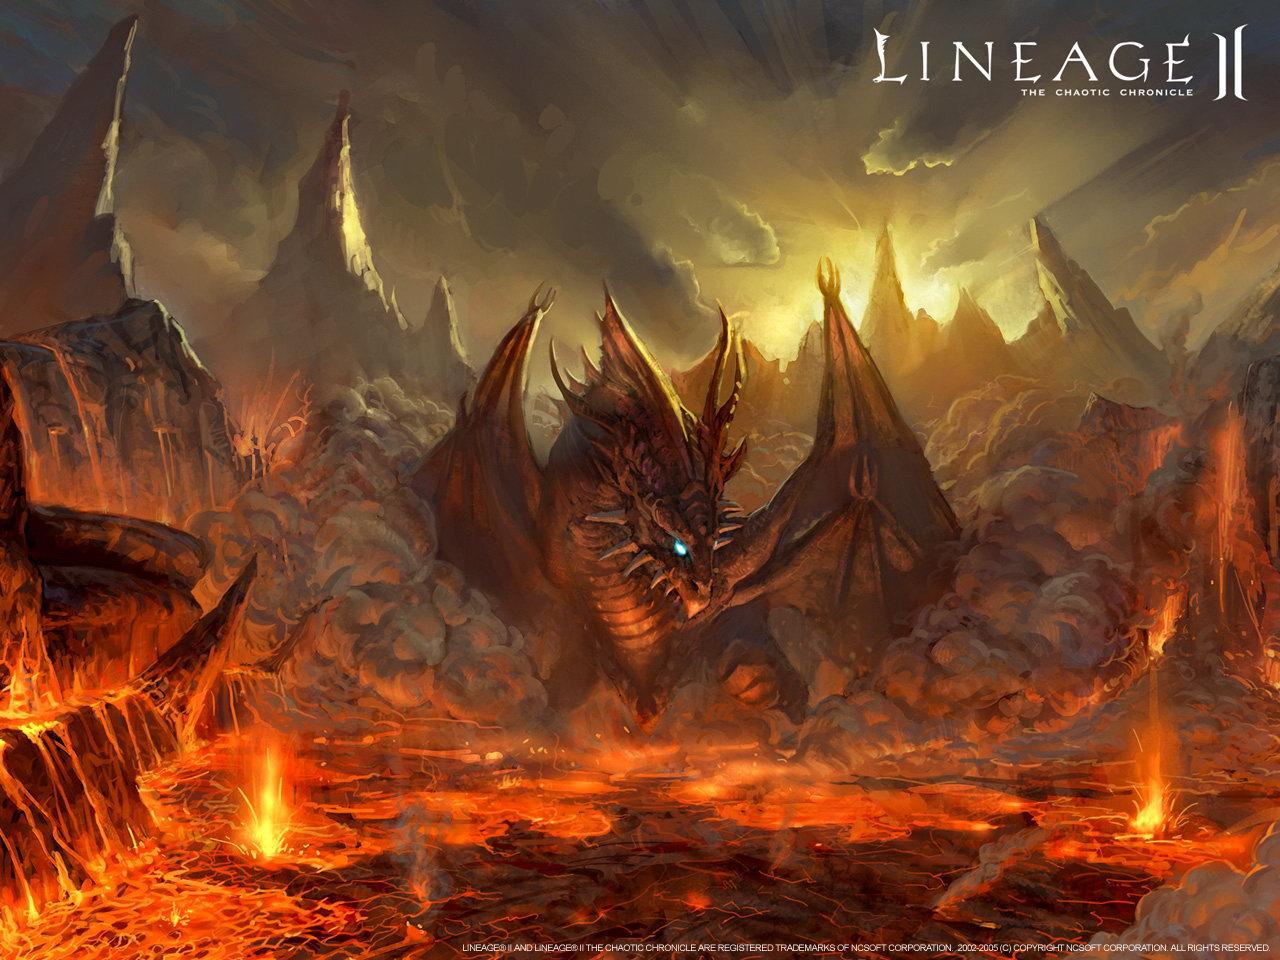 http://2.bp.blogspot.com/-hRX6DwTTyOY/TmC60F8EWdI/AAAAAAAAATE/WH-ov97Gf6c/s1600/Dragon-Wallpaper-dragons-542617_1280_960.jpg